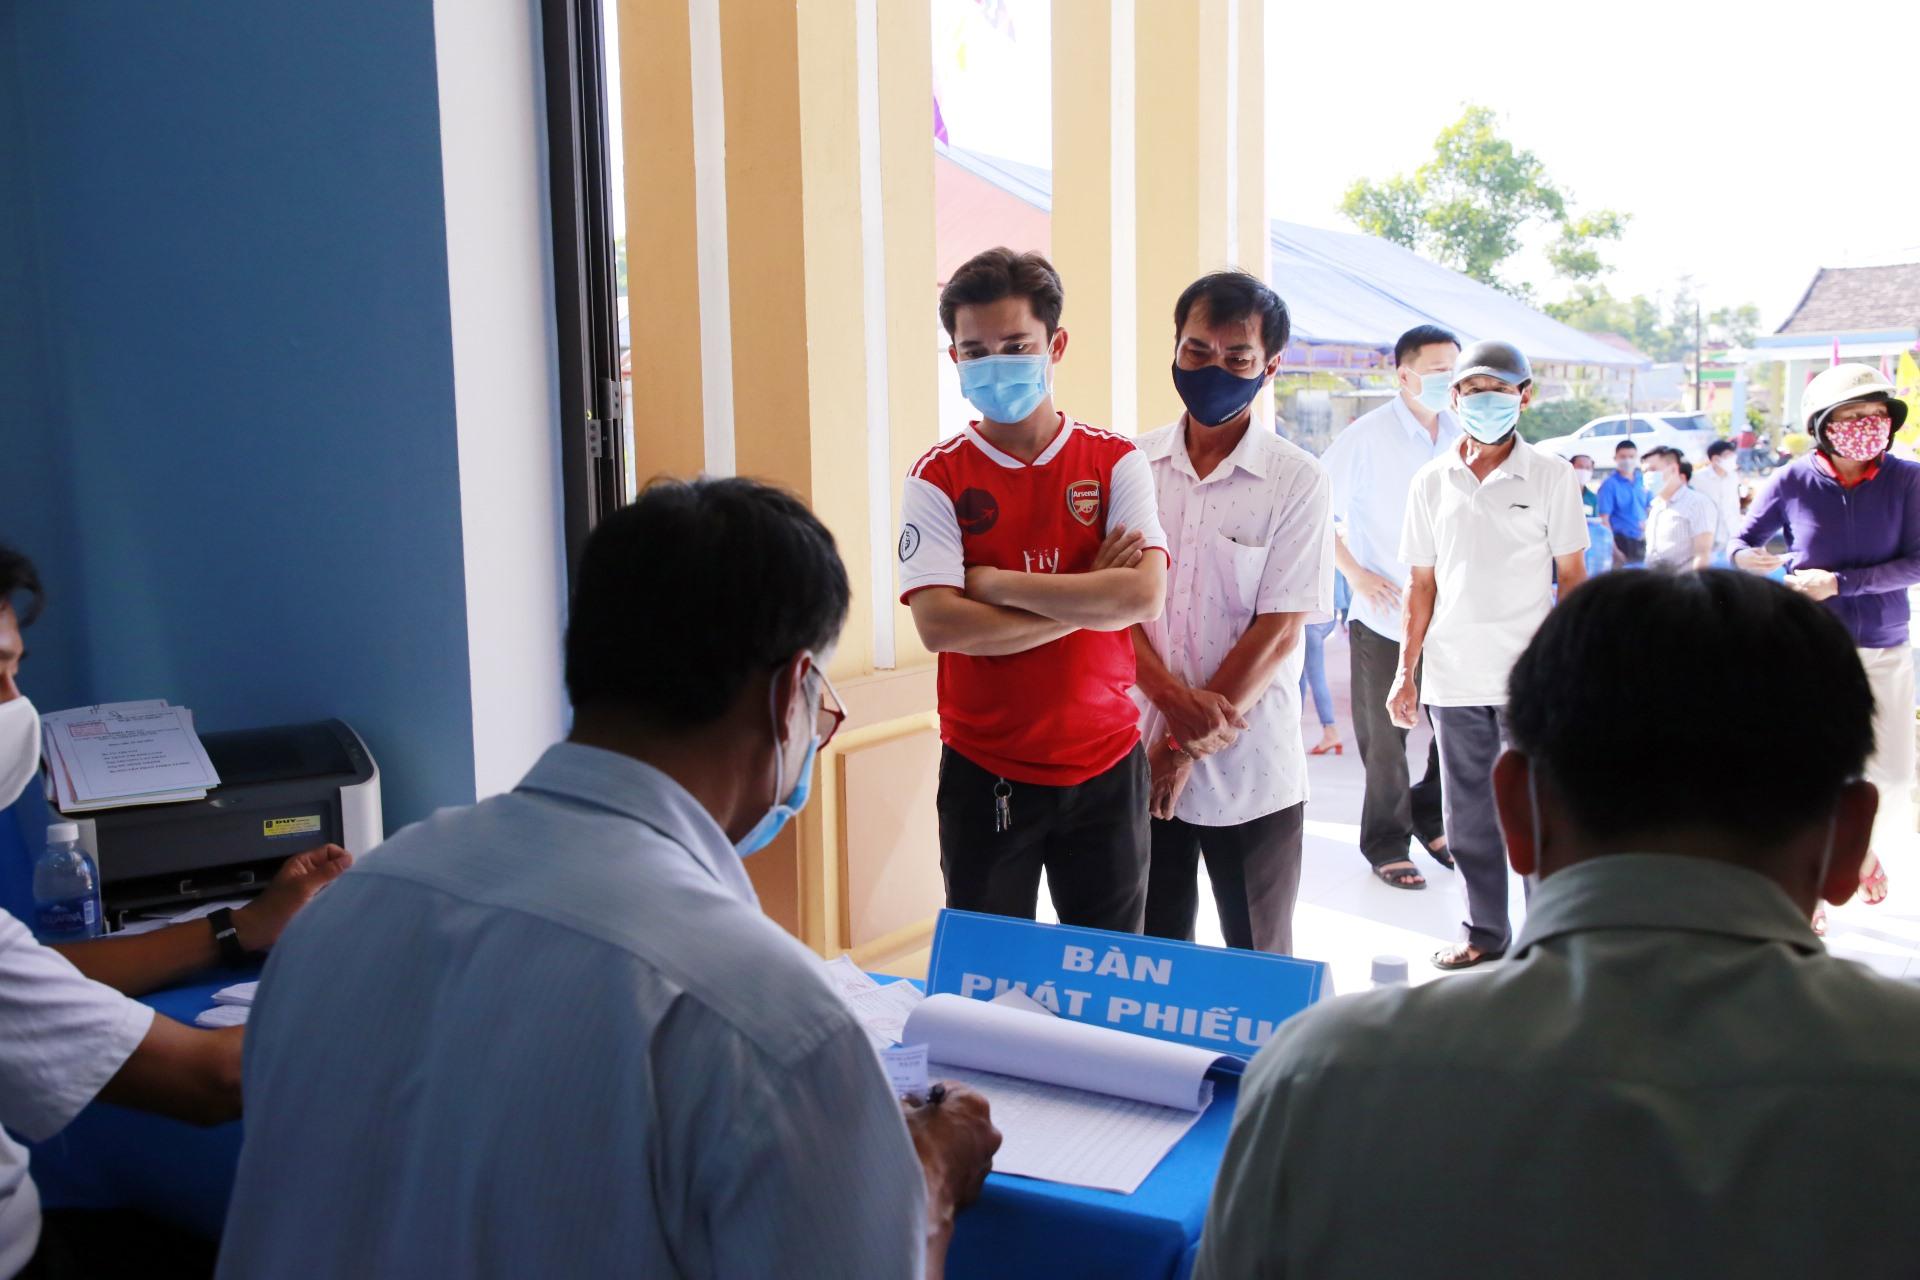 Xếp hàng giữ khoảng cách khi vào nhận phiếu bầu cử.